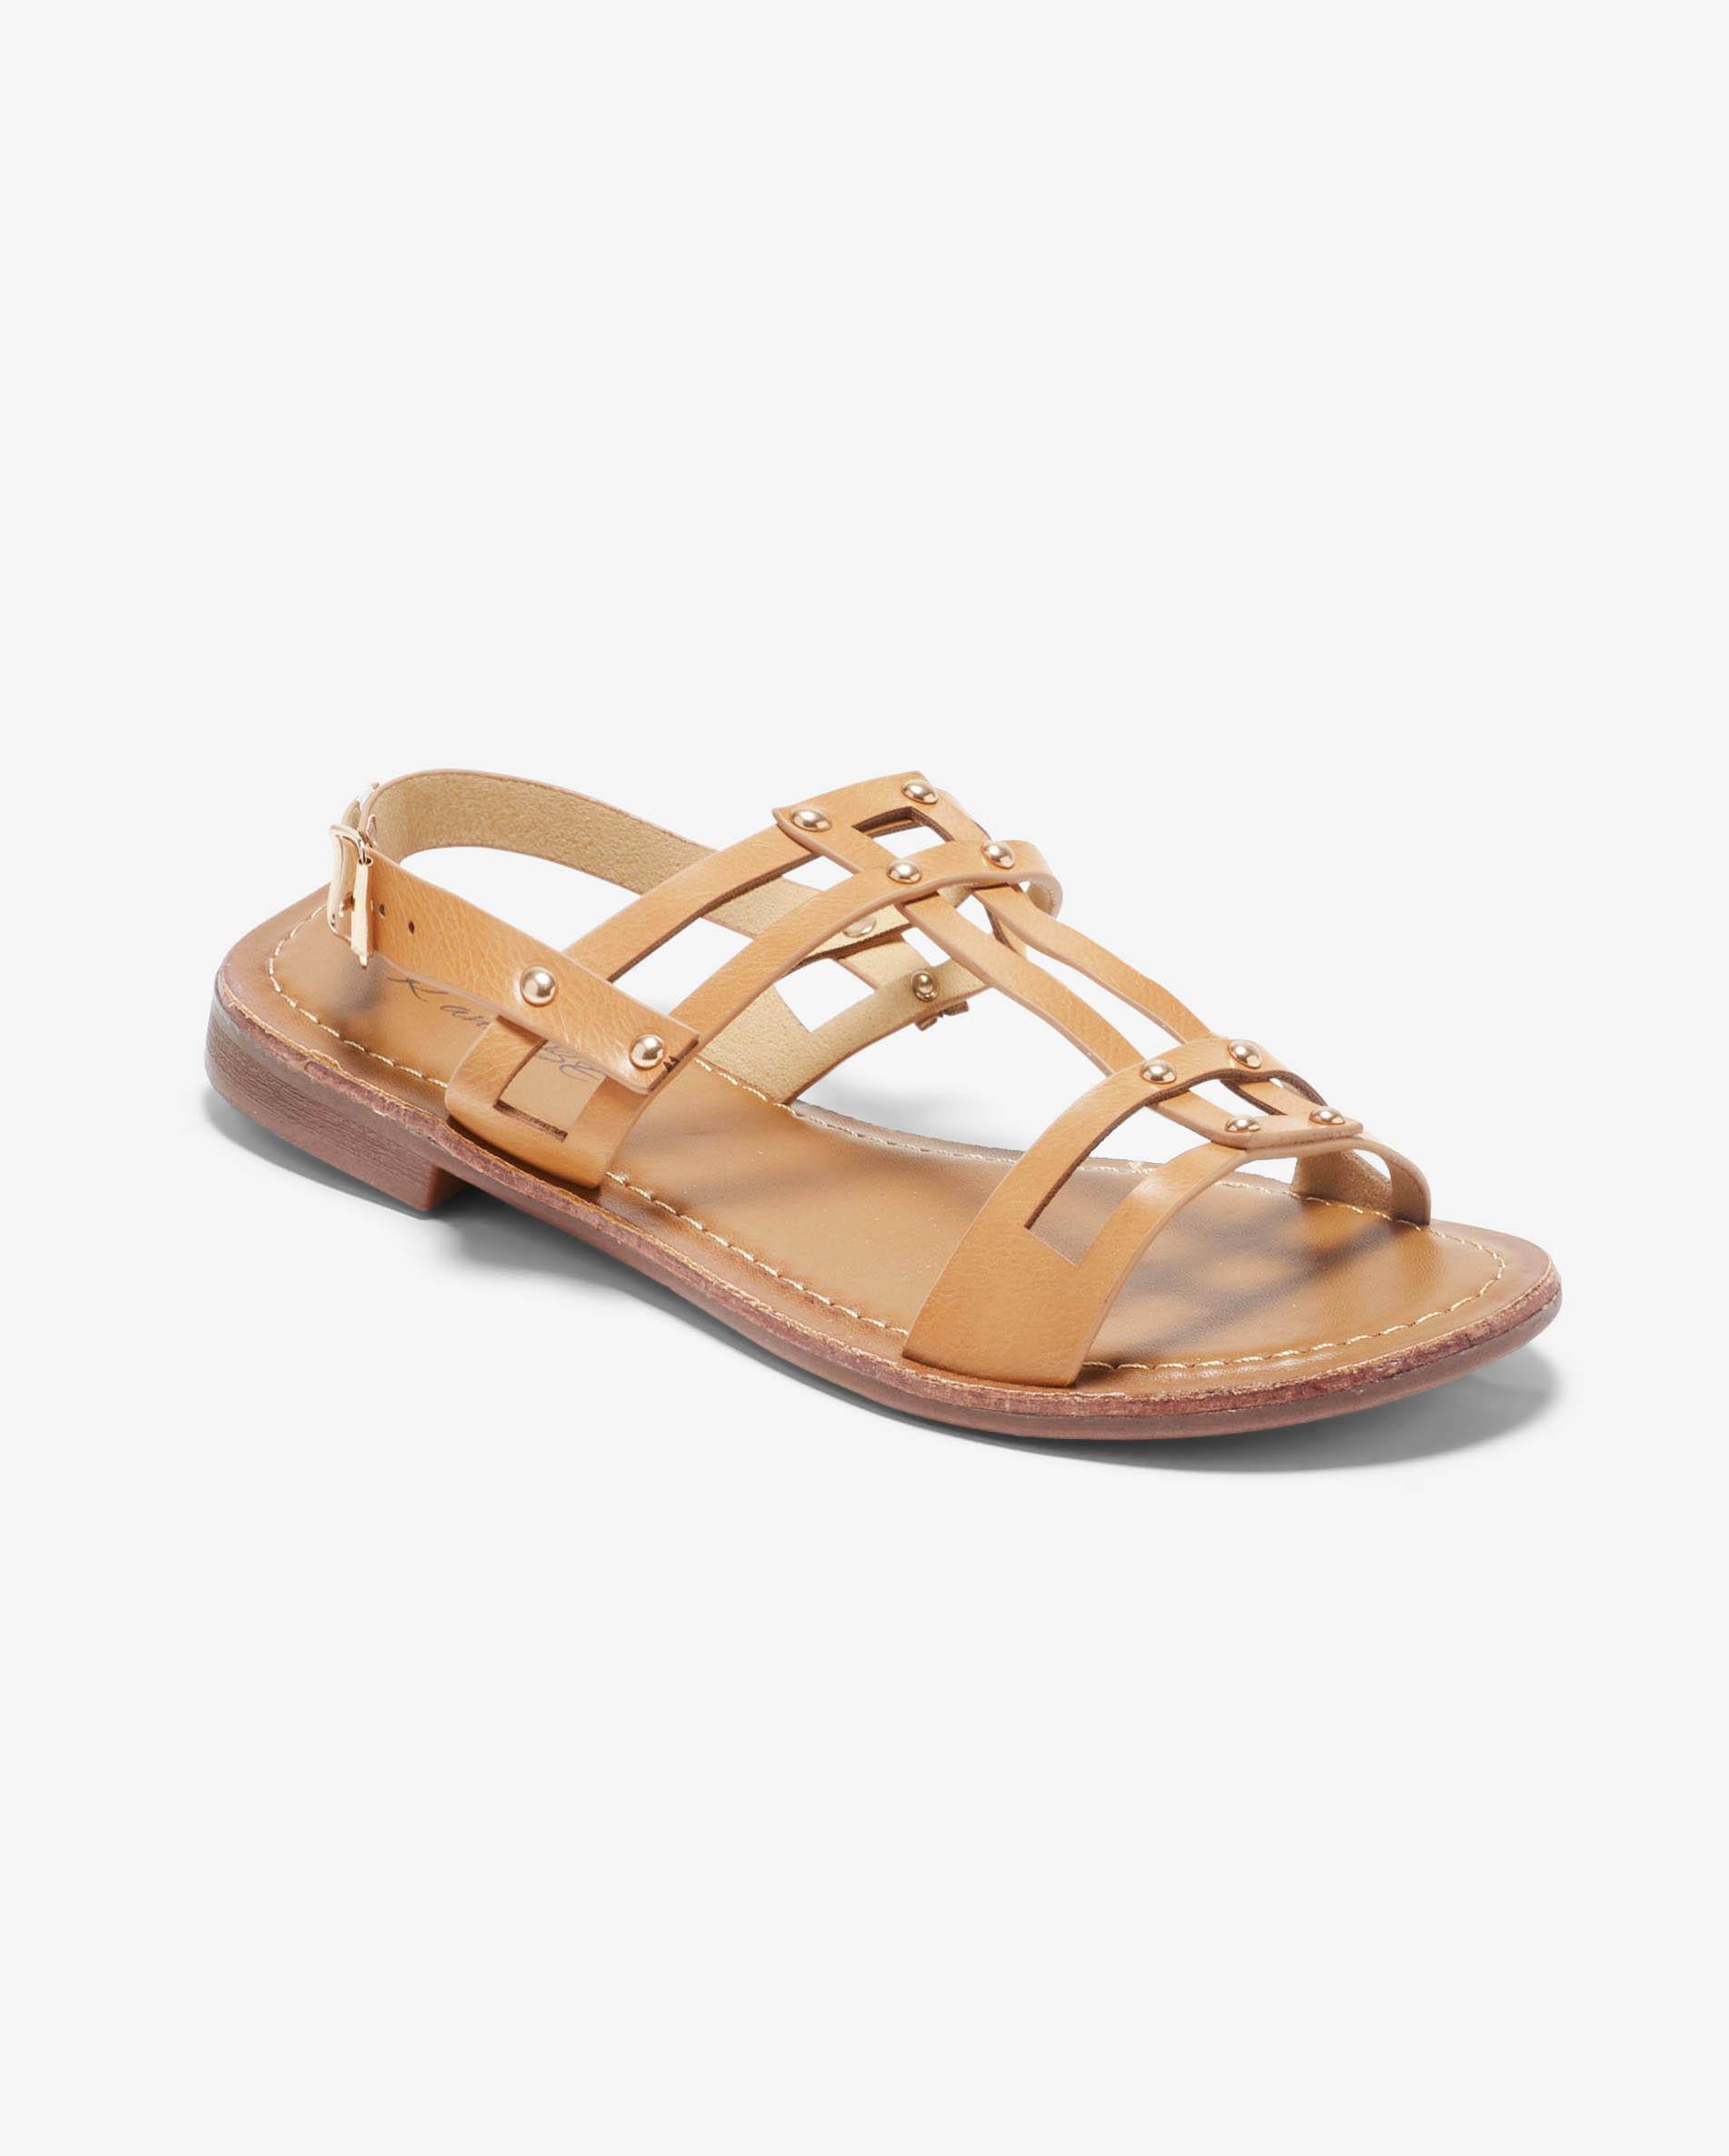 Sandales Plates Femme - Sandale Plate Beige Jina - Ve560